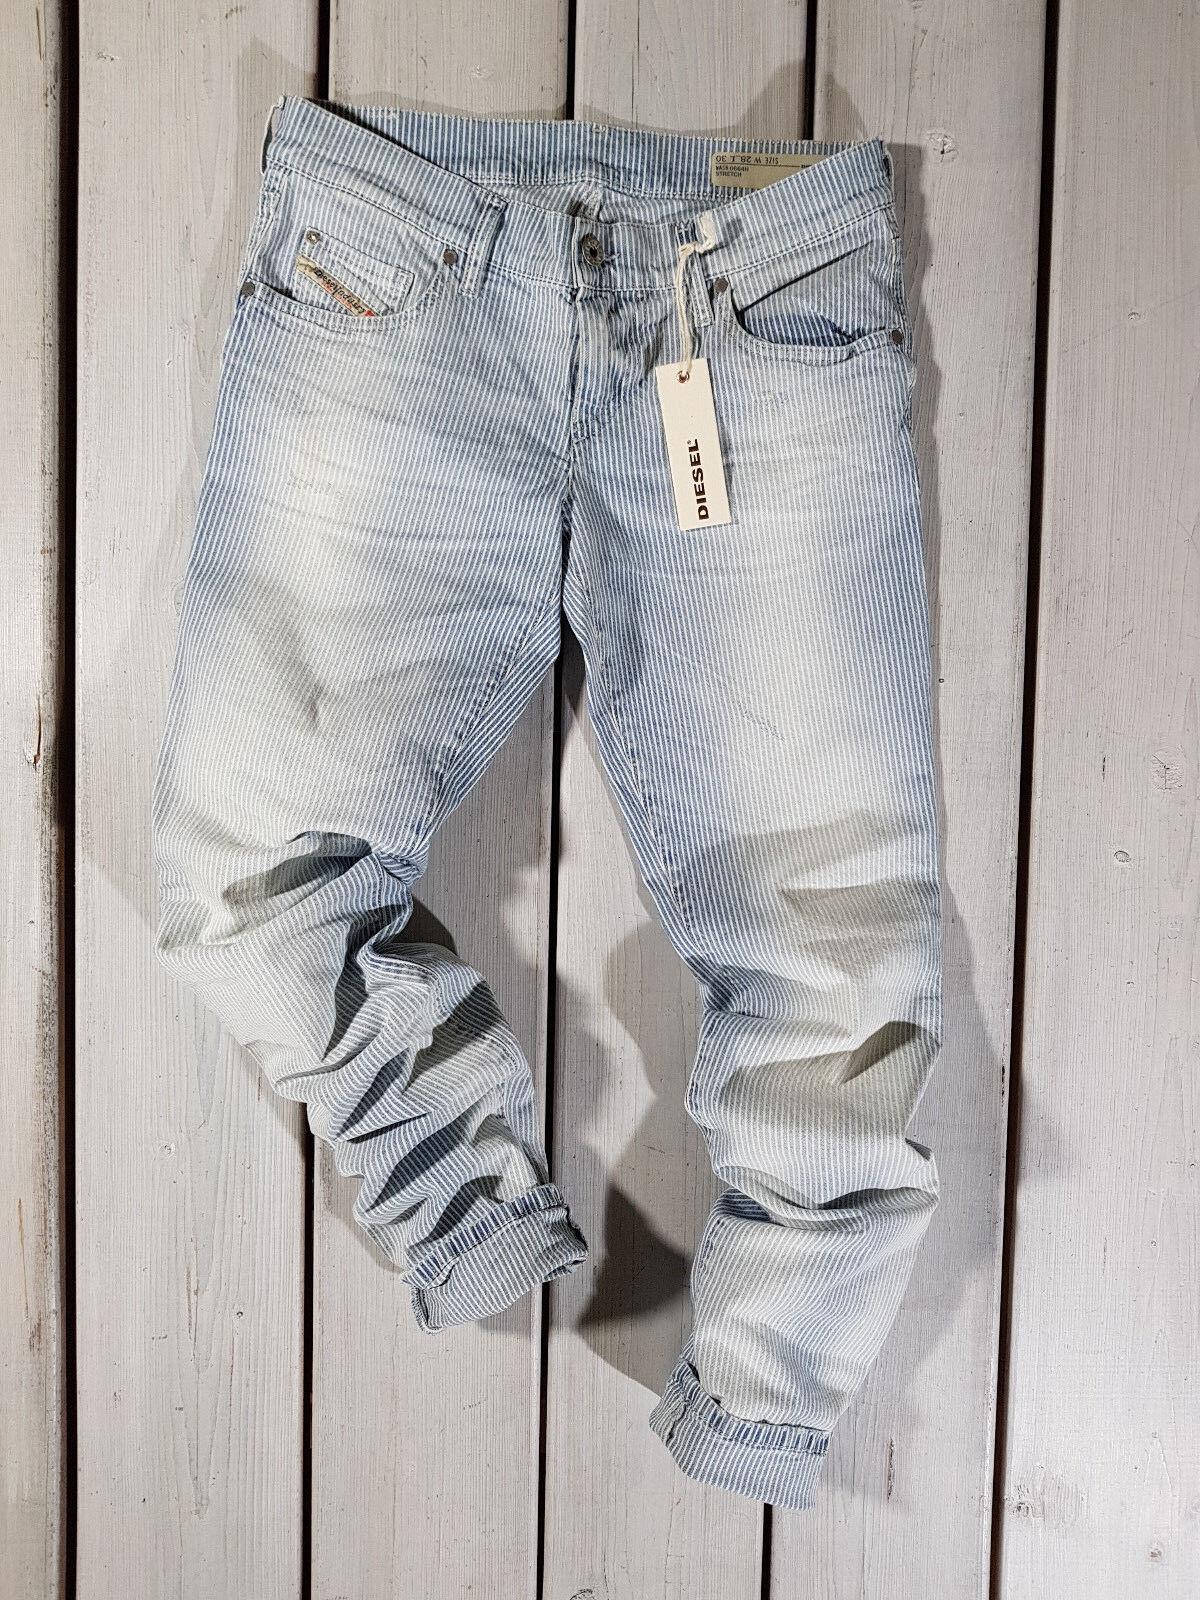 Precio recomendado de venta    176 NUEVO DIESEL para mujeres JEANS Grupee 0664 H Super Slim Skinny bajo despojado a78a38